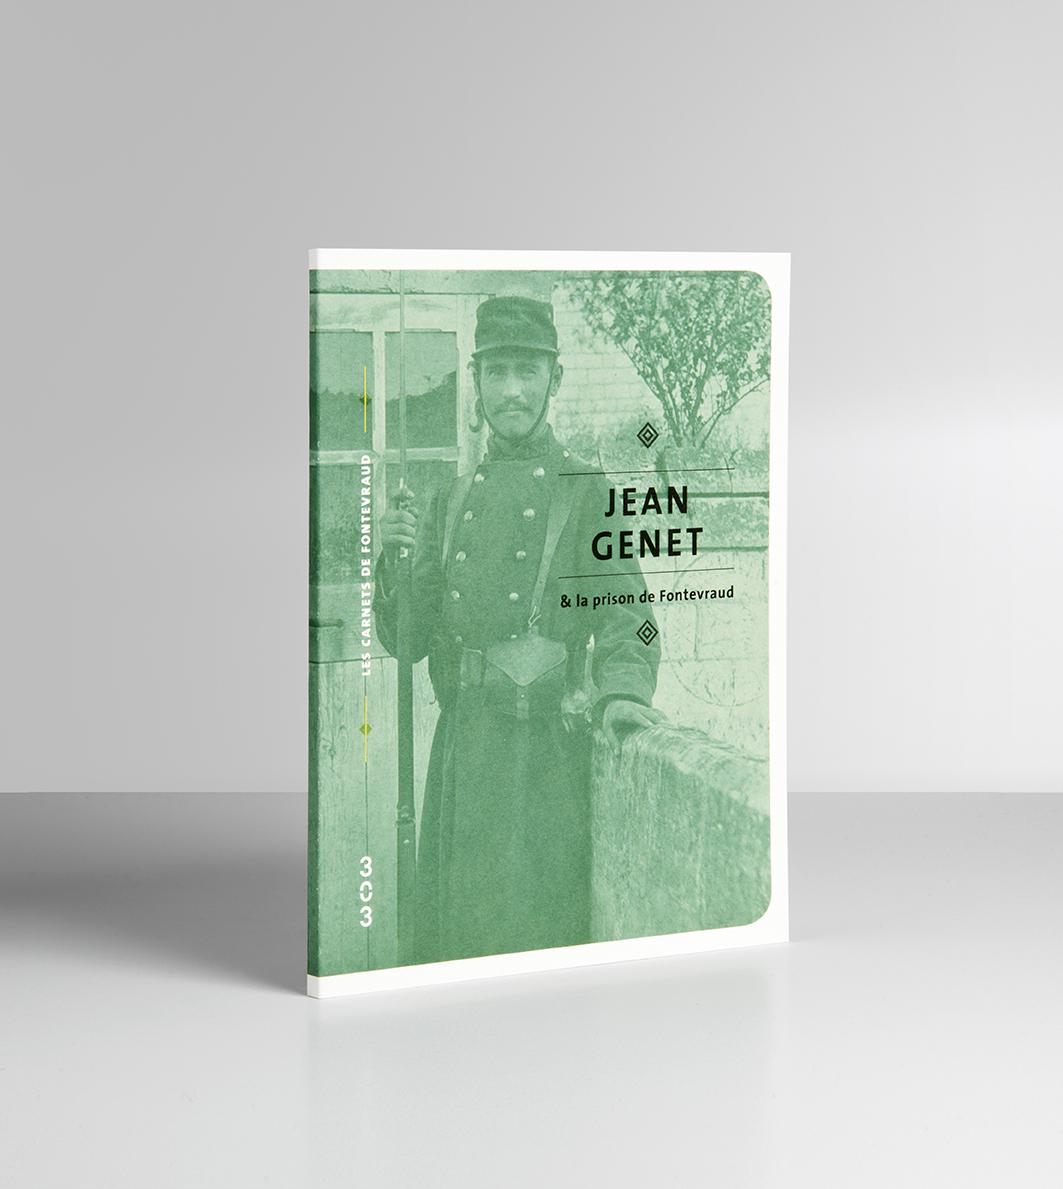 Les Carnets de Fontevraud_Jean Genêt